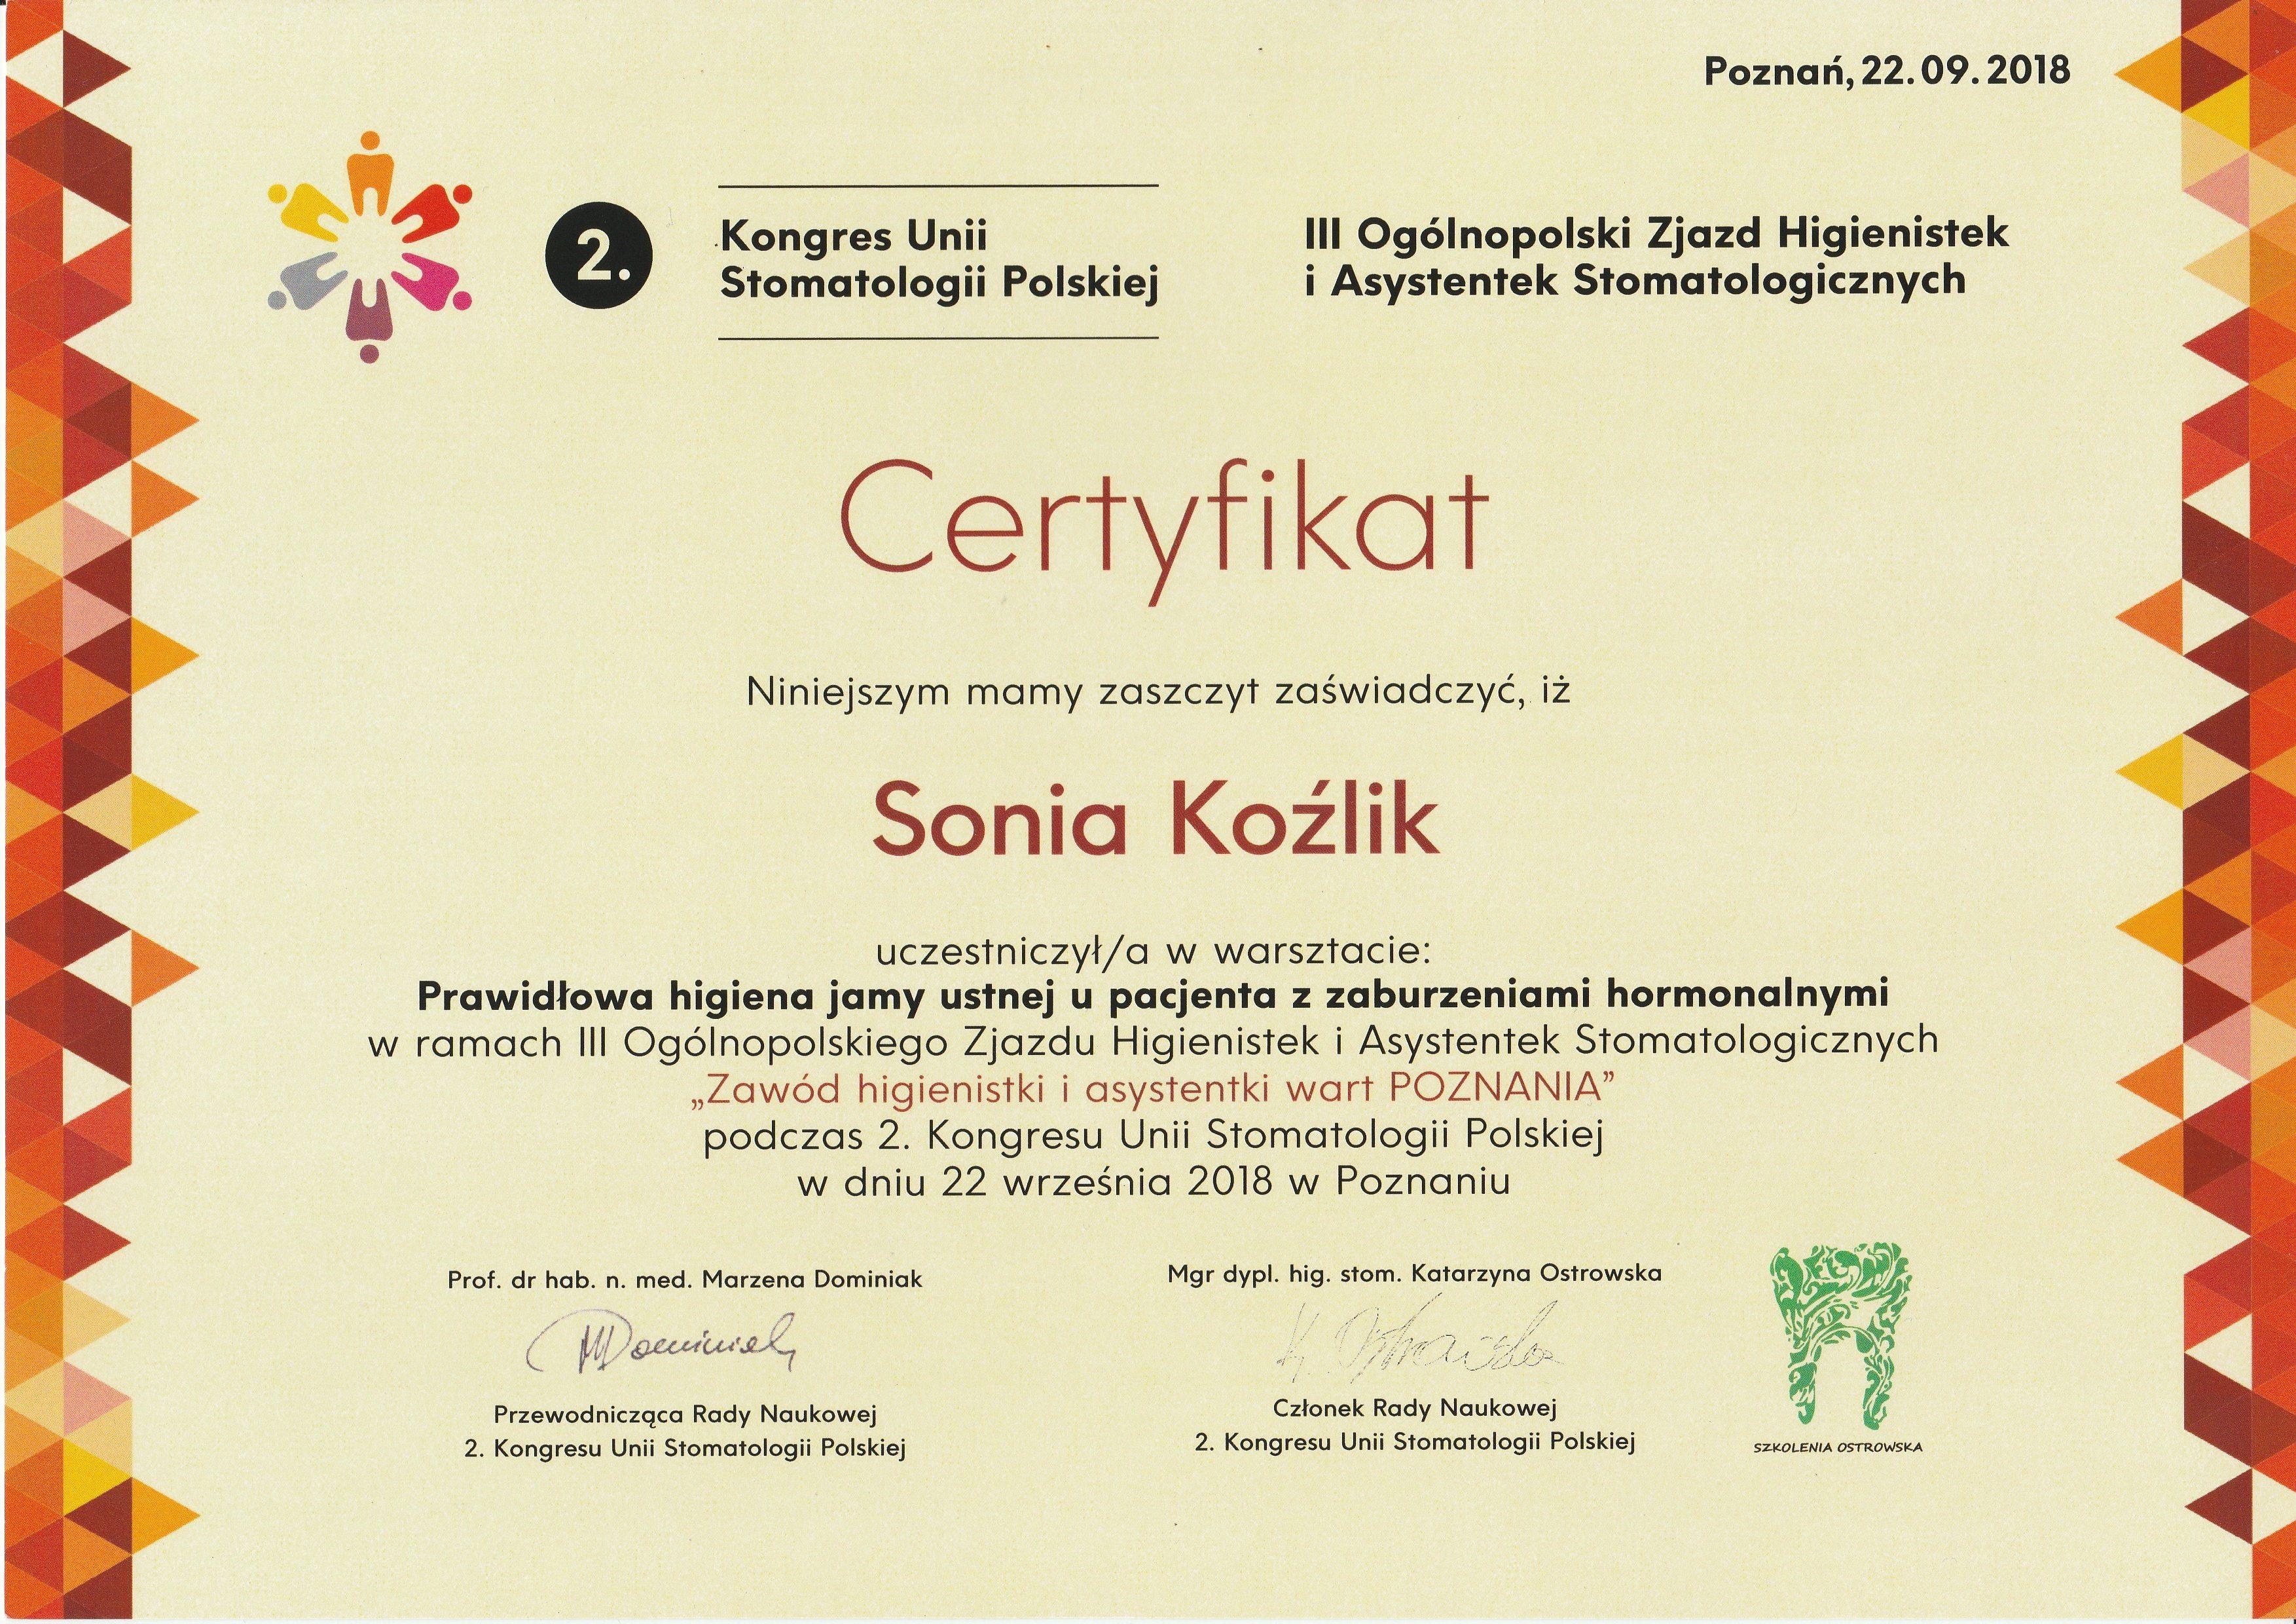 Sonia Koźlik certyfikat 22.09